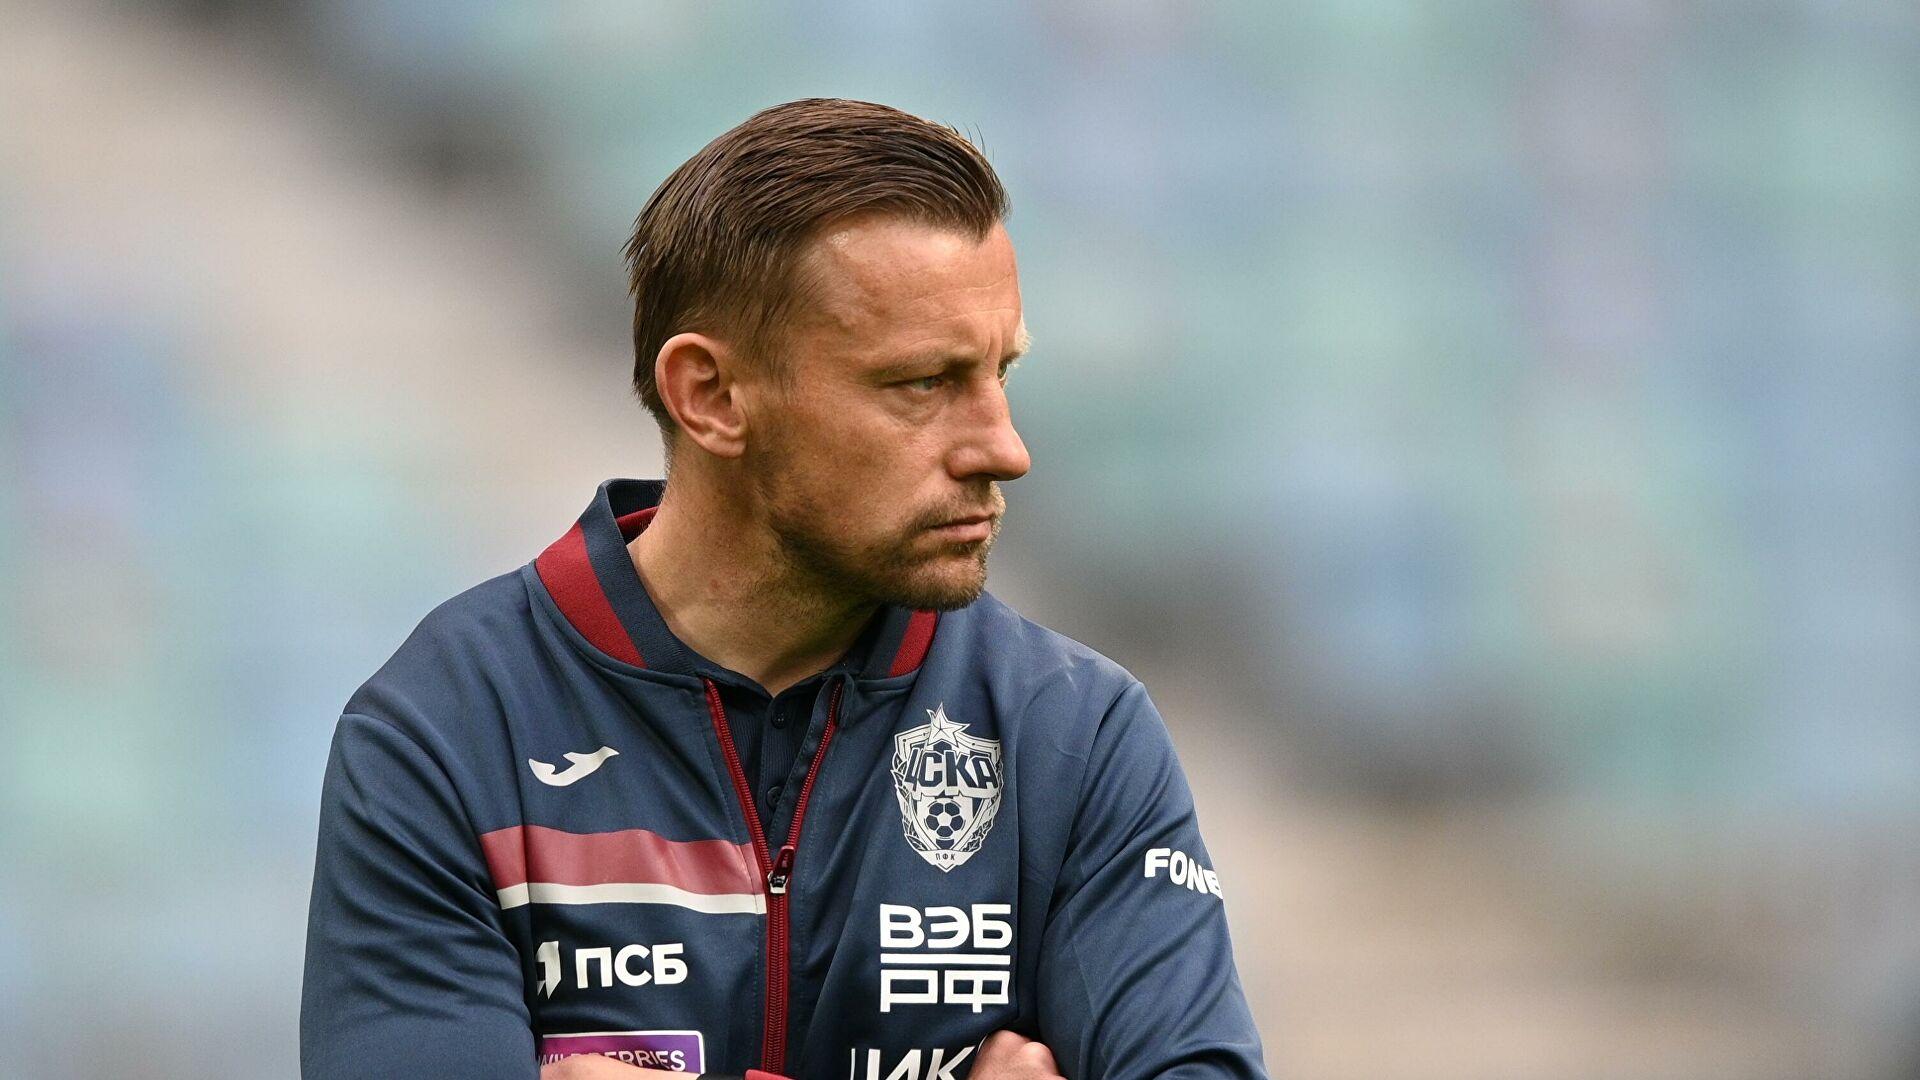 У Олича перед подписанием контракта была договоренность с ЦСКА о работе с Хорватией на Евро-2020